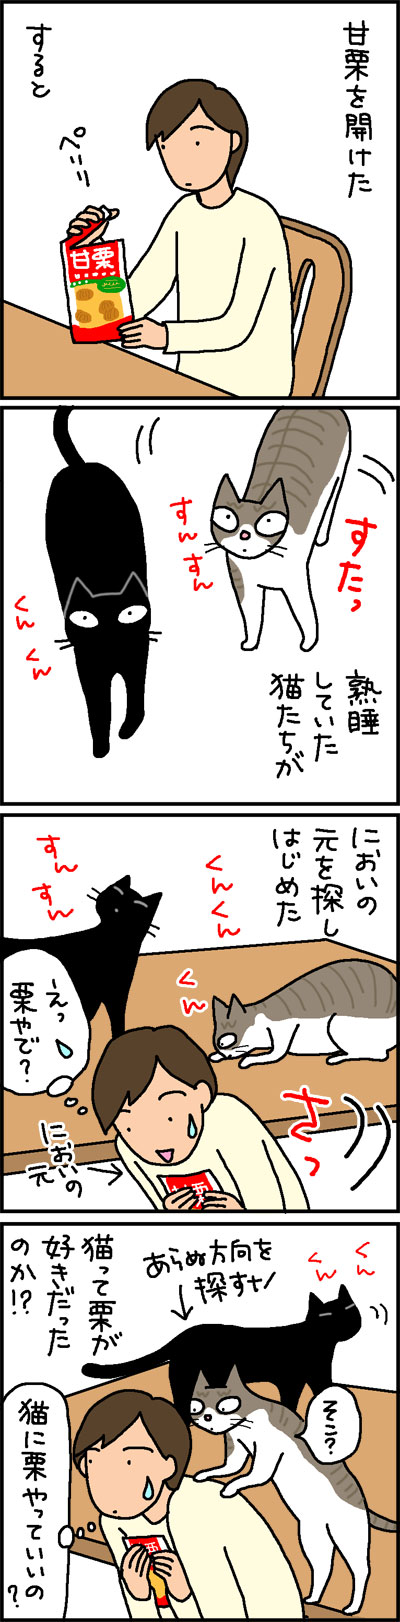 甘栗にたかる猫の4コマ猫漫画